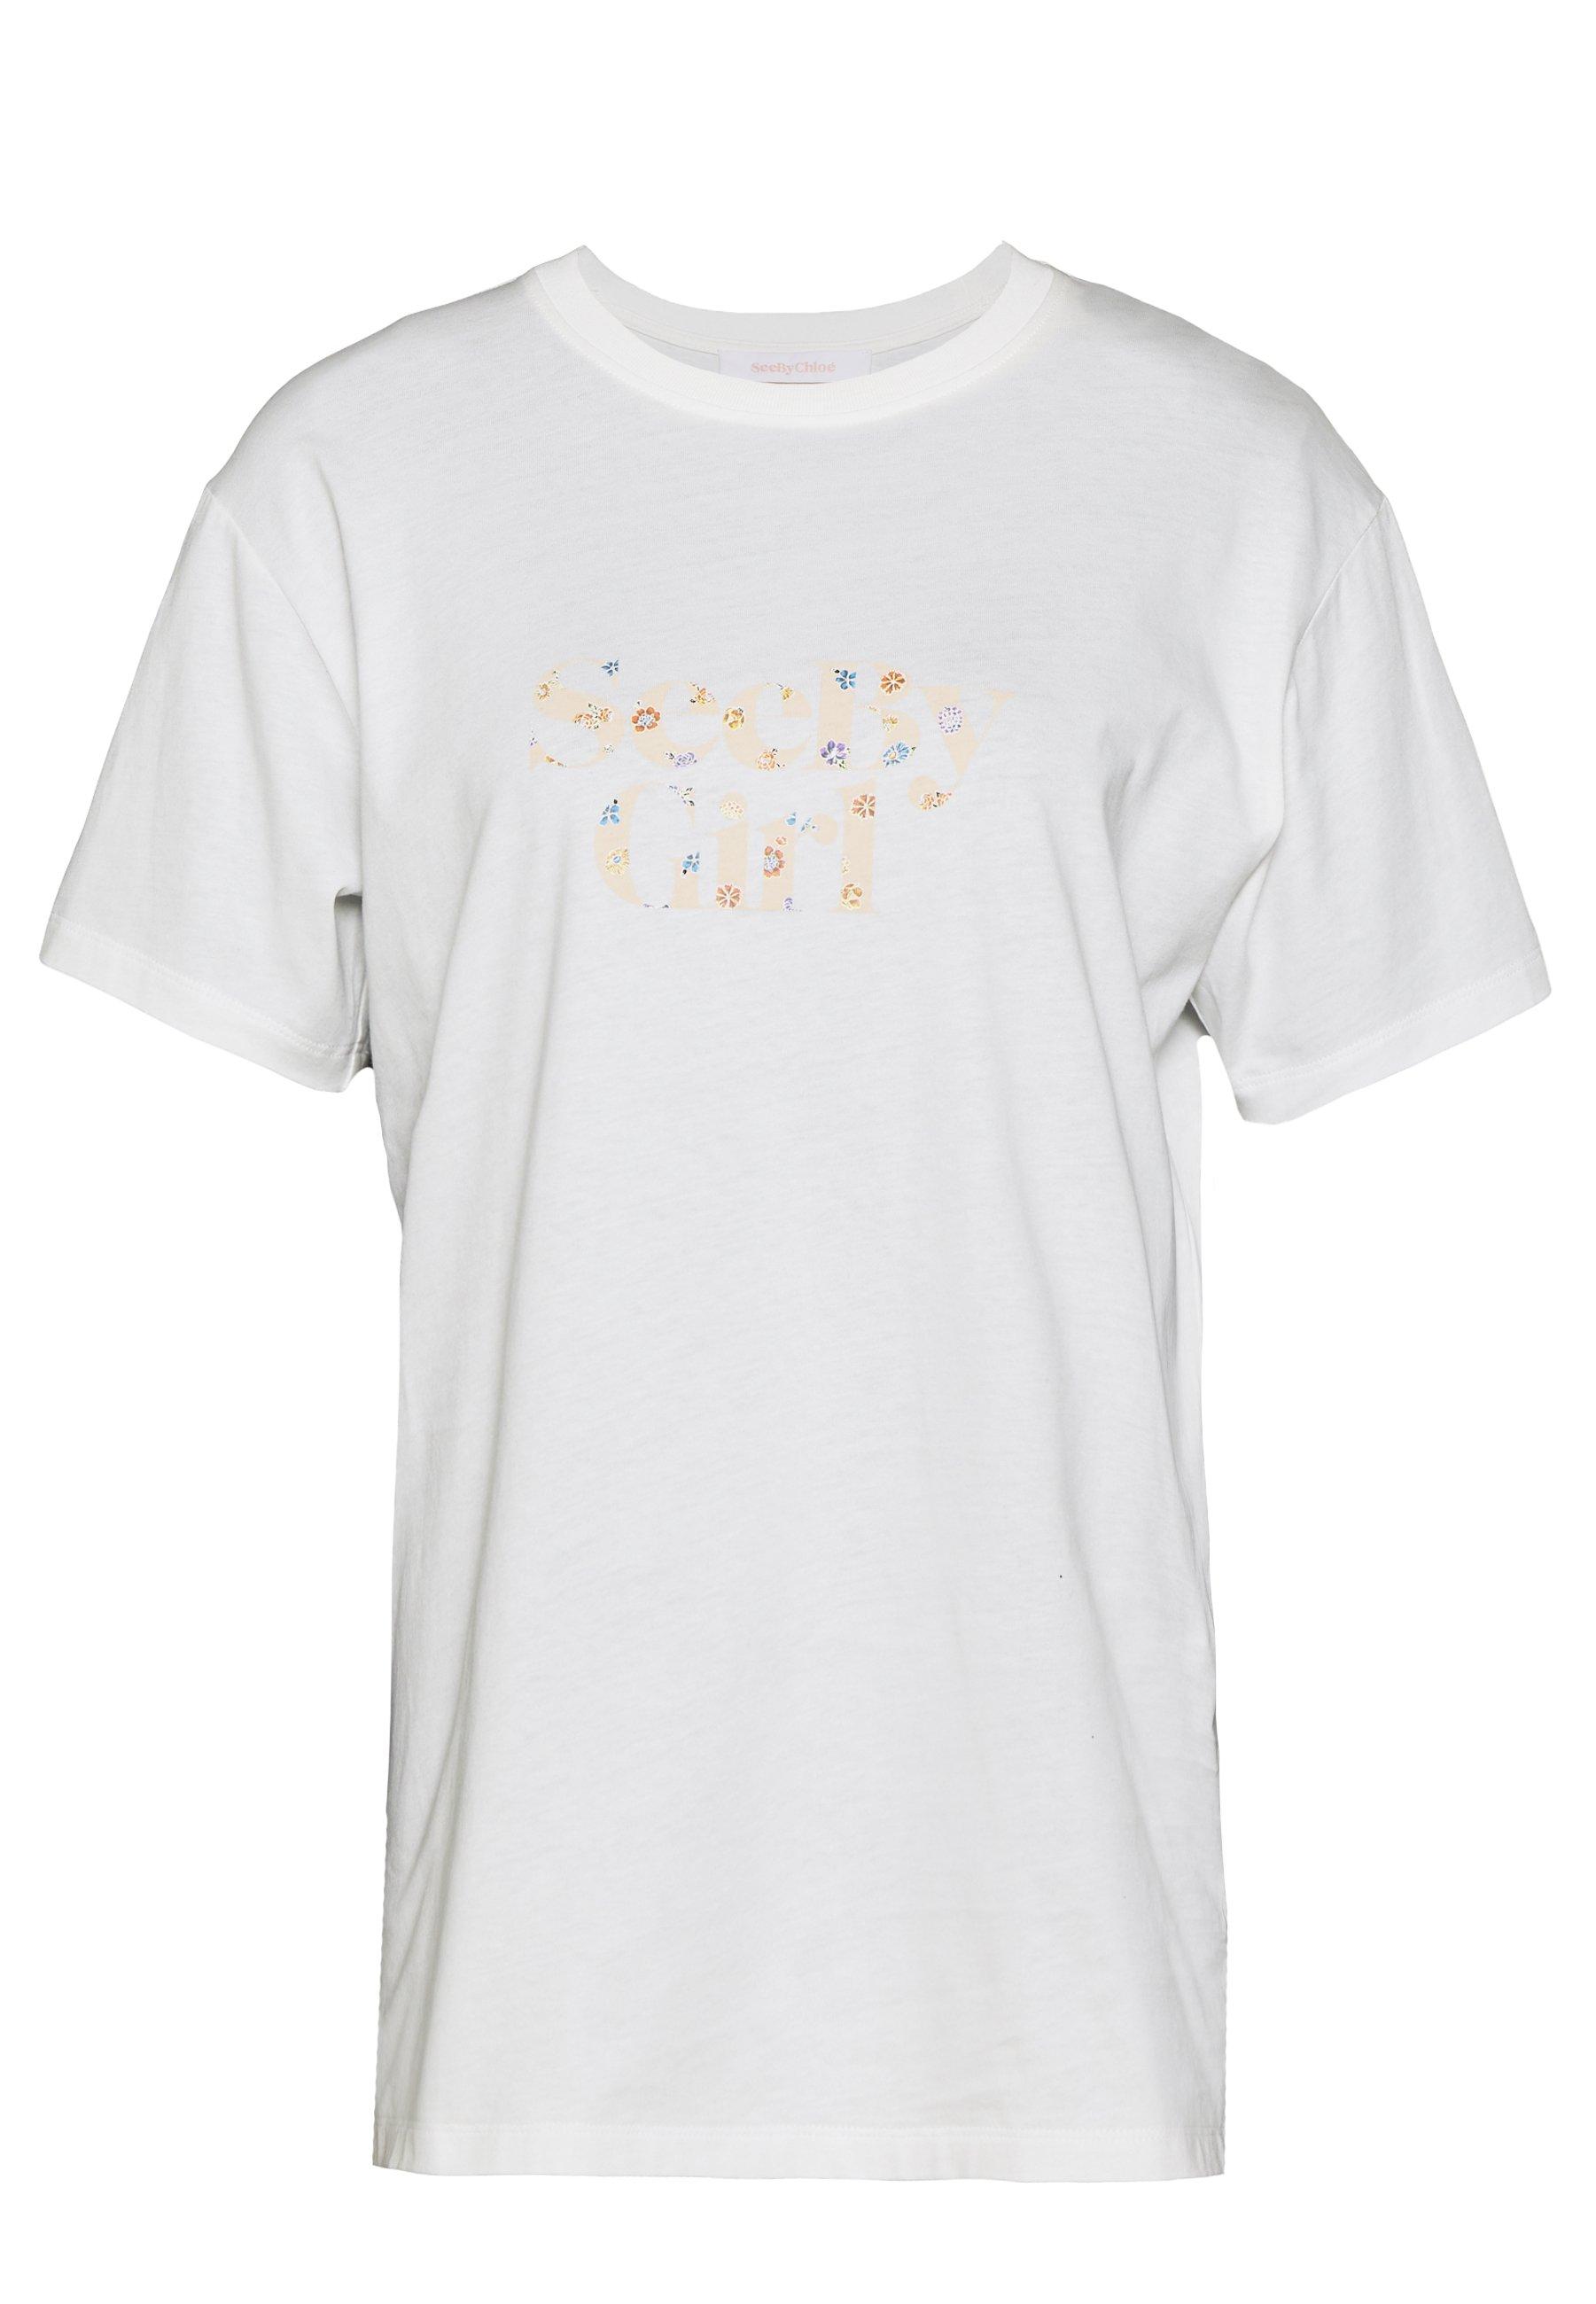 WHITE Printed shirt  See by Chloé  Skjorter - Dameklær er billig